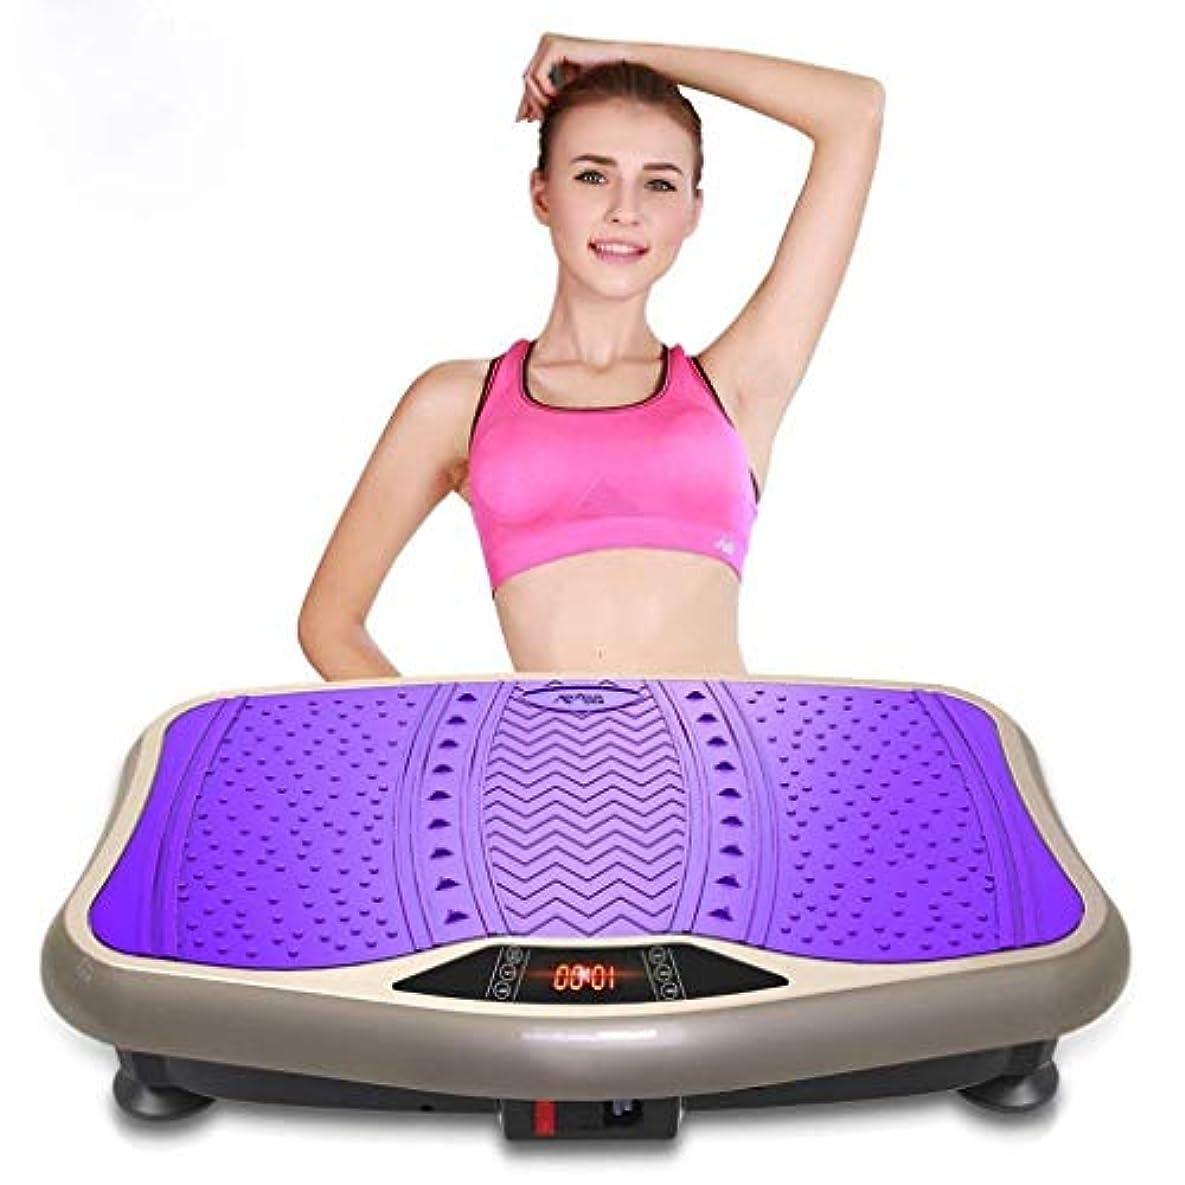 表面的な告白する馬鹿減量装置、多機能フィットネス振動マシン、5モードボディシェークマッサージャー、体重を減らし、体型を整え、過剰な体脂肪を減らすことができます